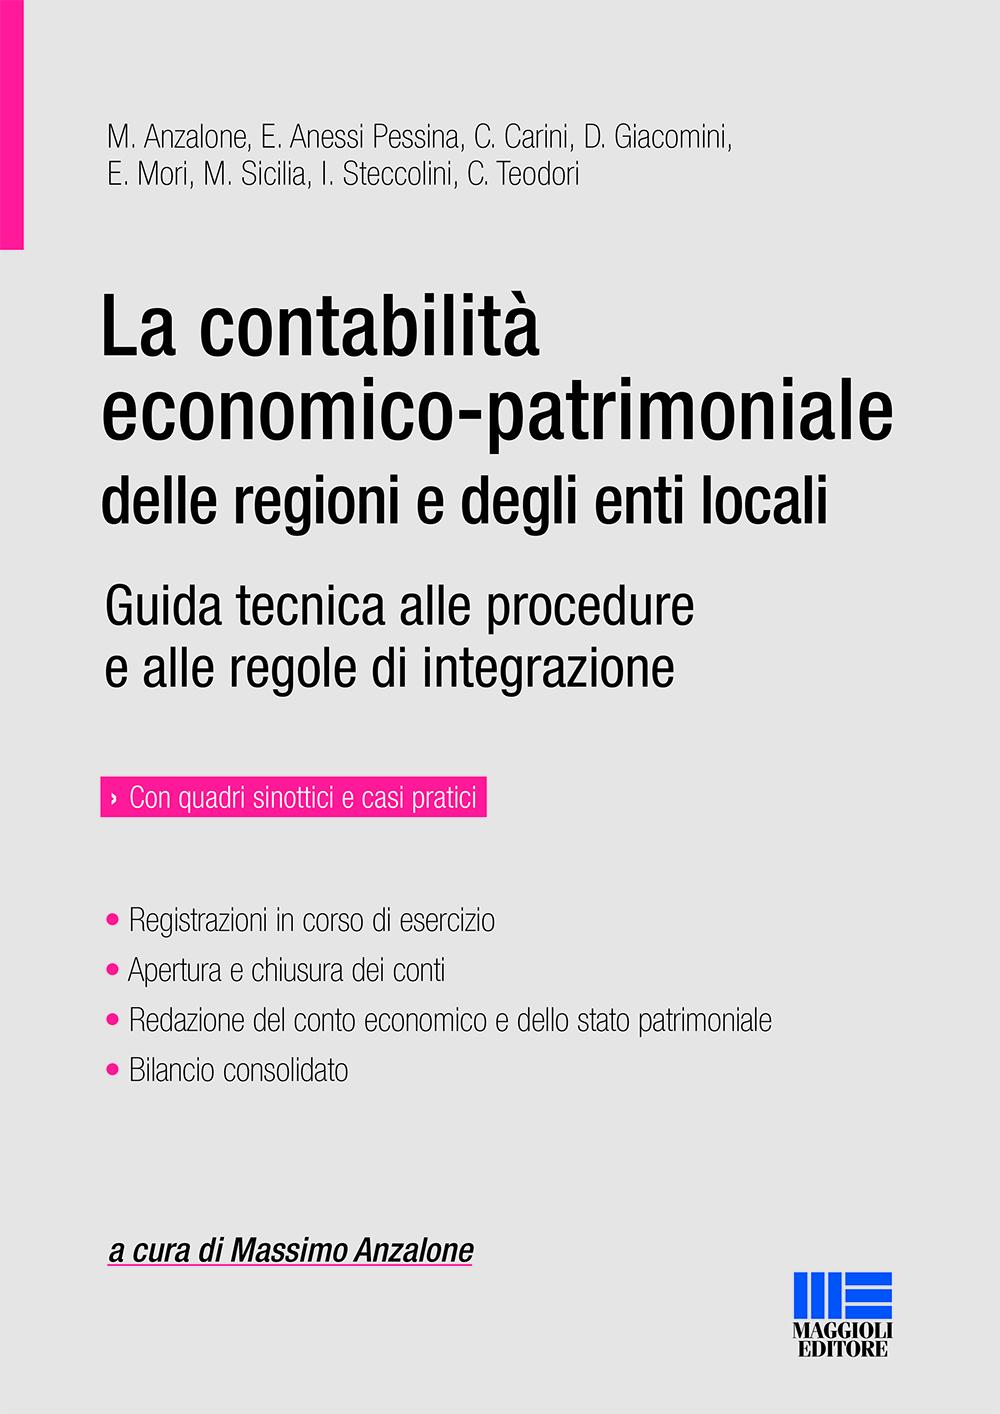 La contabilit� patrimoniale delle regioni e degli enti locali